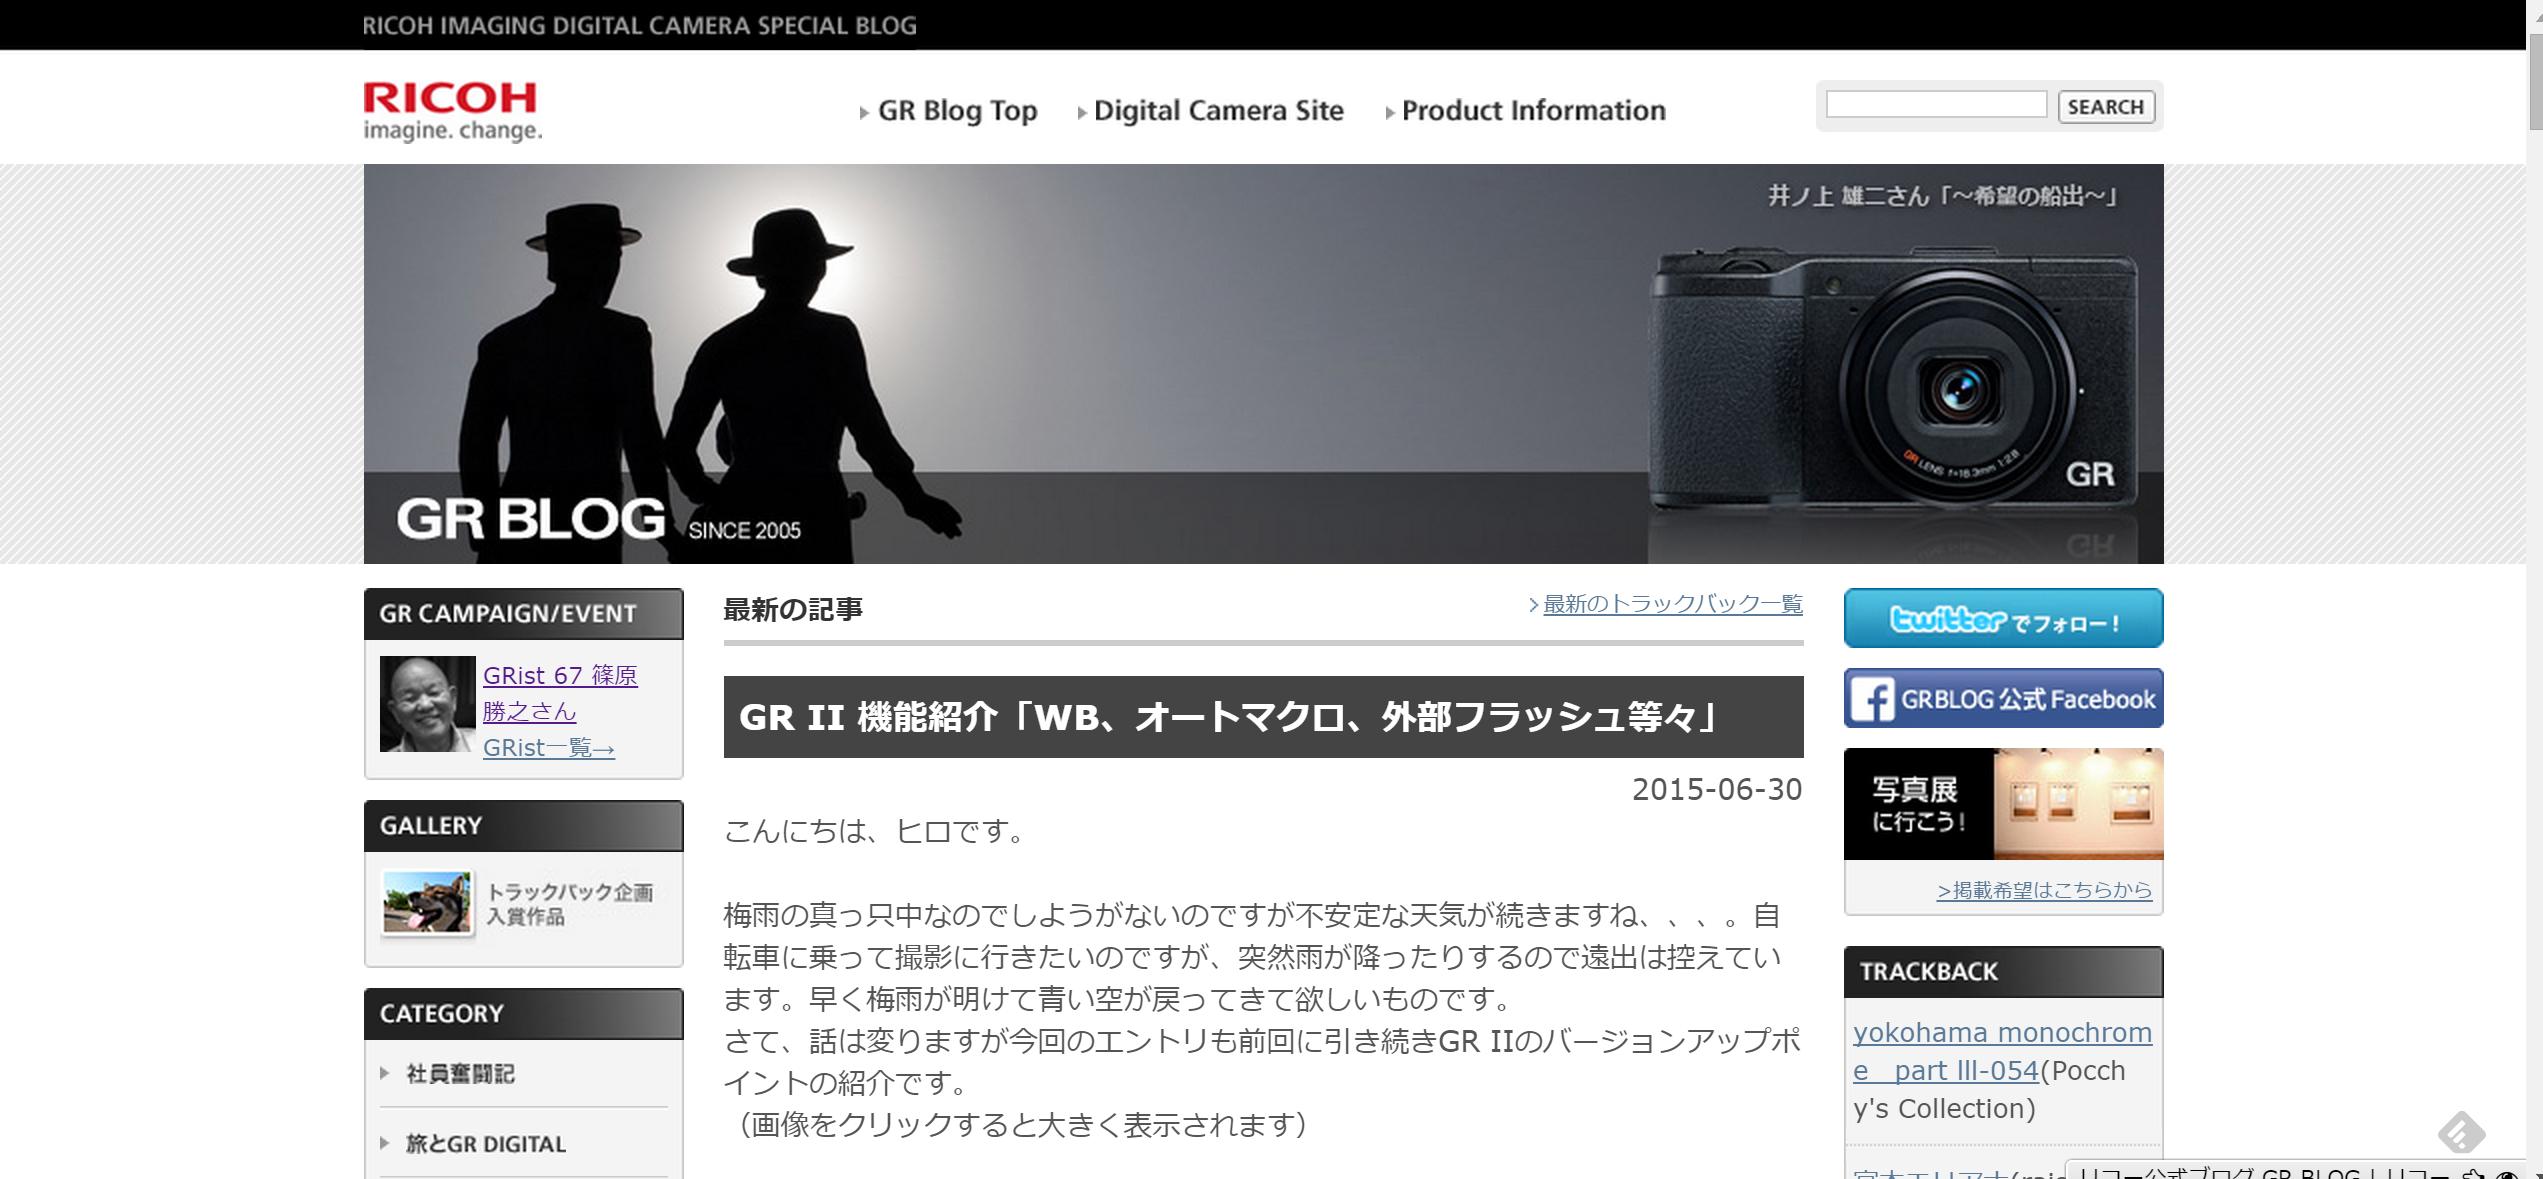 リコー公式ブログ GR BLOG リコー